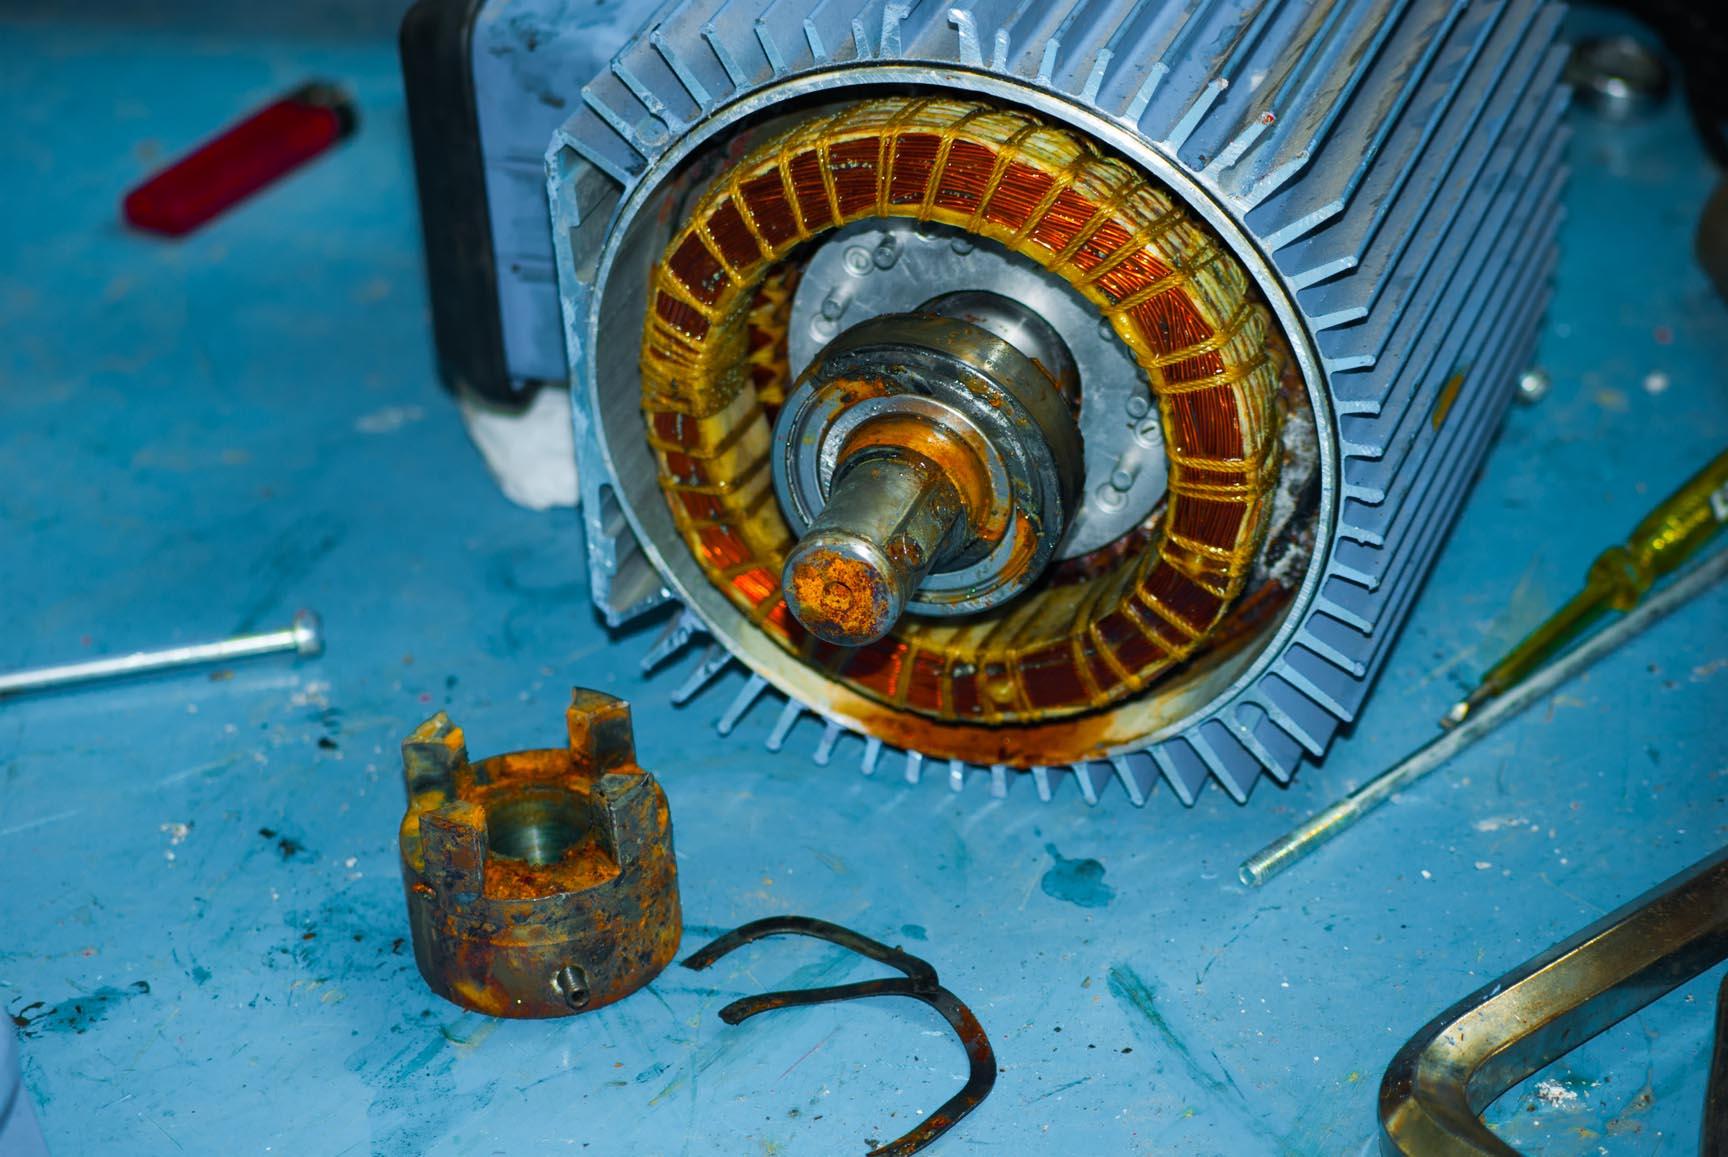 Motor for Hoisting, Motor For Long Travel, and Motor For Cross ...